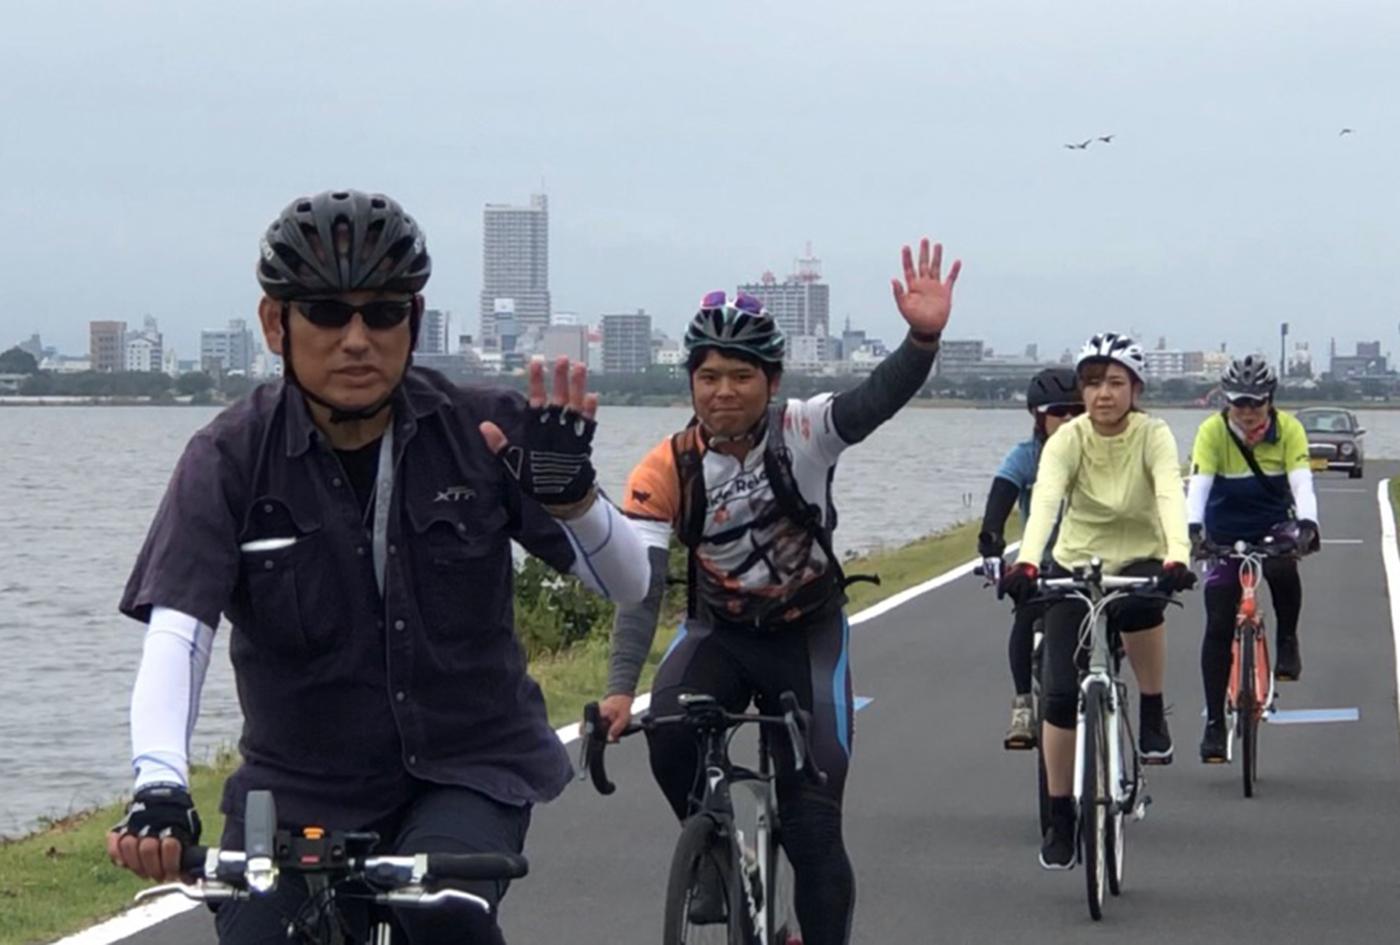 城下町土浦りんりん食べ歩きサイクリング | 茨城県